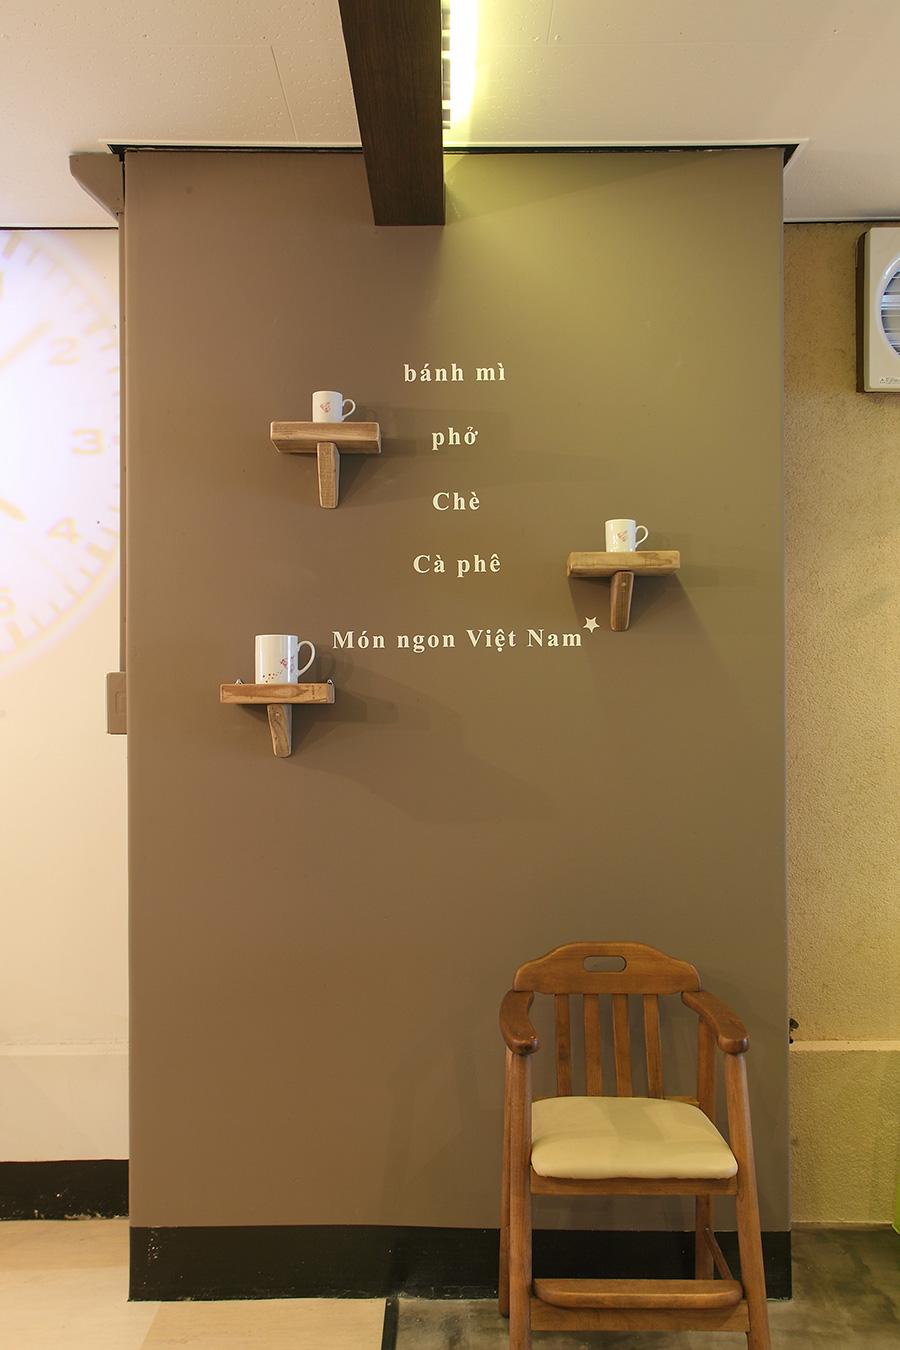 ベトナム料理店のかわいい壁